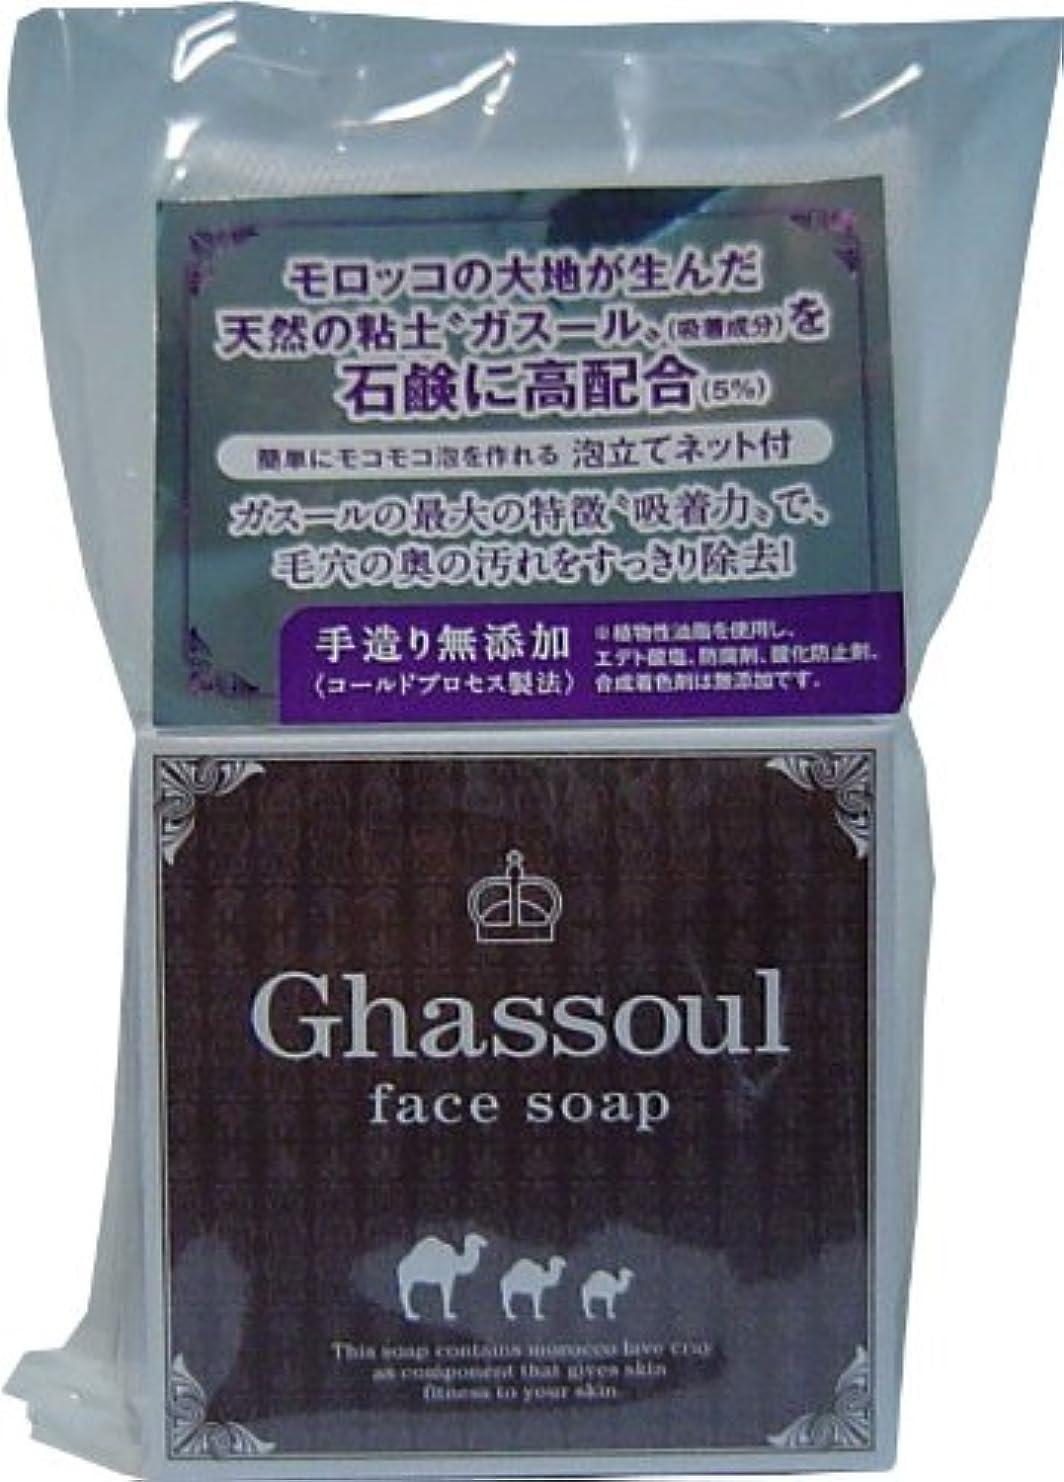 特権たまに無実天然の粘土 ガスール を石鹸に高配合!Ghassoul face soap ガスールフェイスソープ 100g【4個セット】